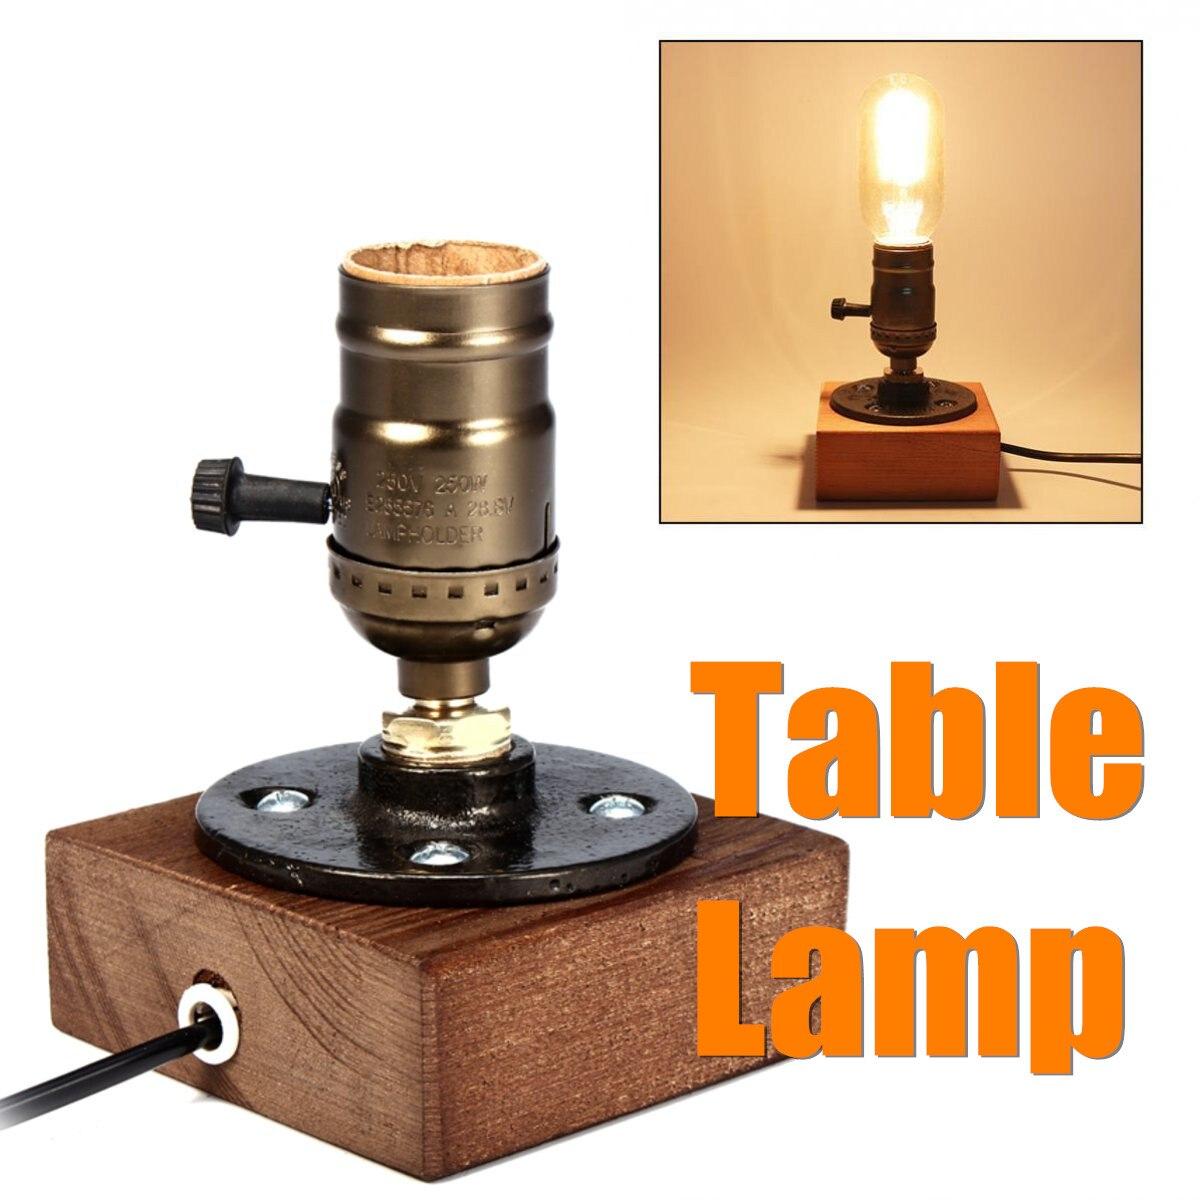 나무 전기 레트로 클래식 책상 머리맡의 밤 램프 테이블 램프 연구 바 커피 숍 라이트 실내 조명 용품 e27